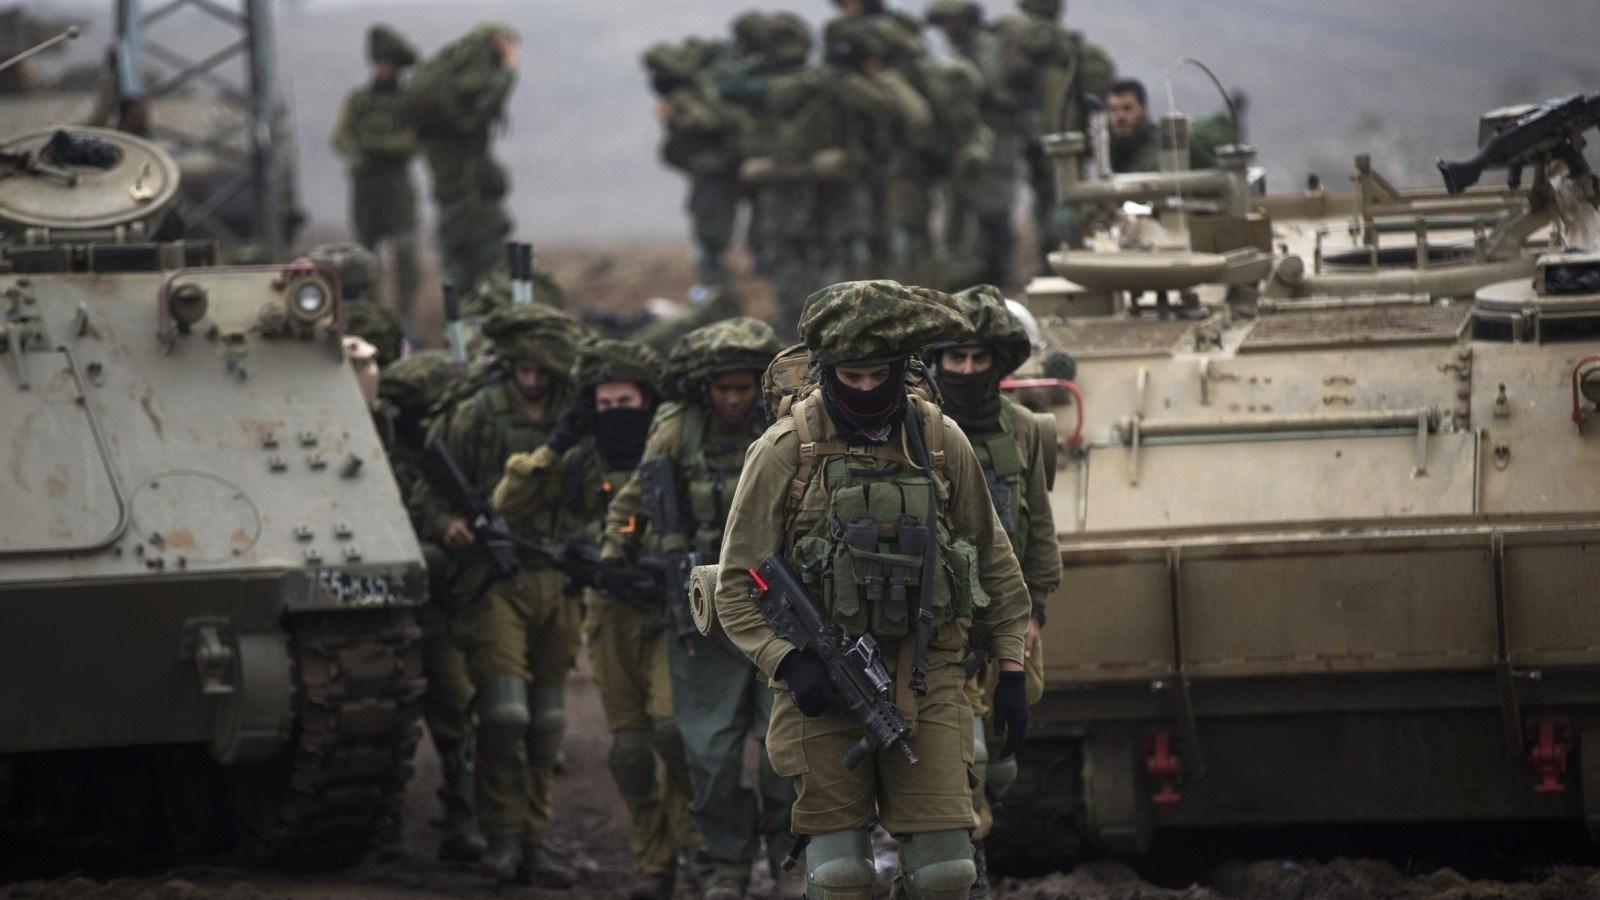 لواء احتياط في الجيش الإسرائيلي: نشأ وضع جديد.. الجيش البري لا يُعتمد عليه